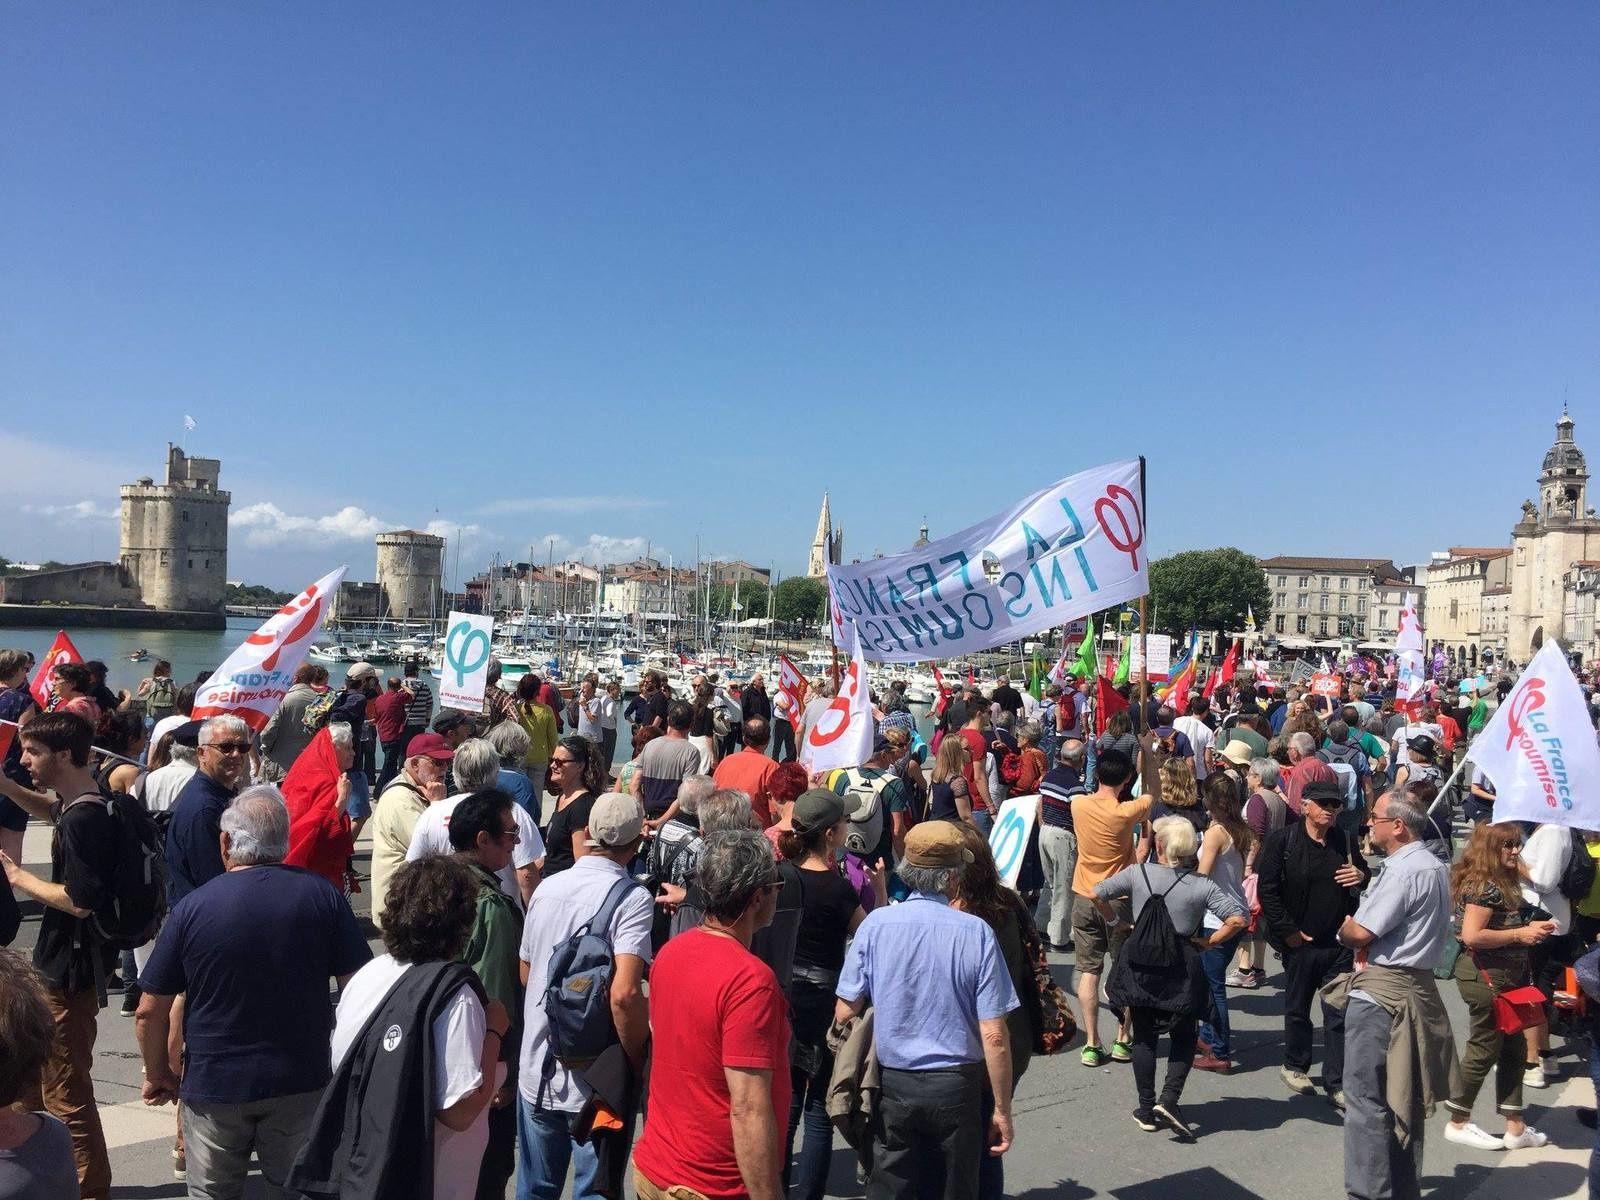 Marée populaire du 25 mai à La Rochelle